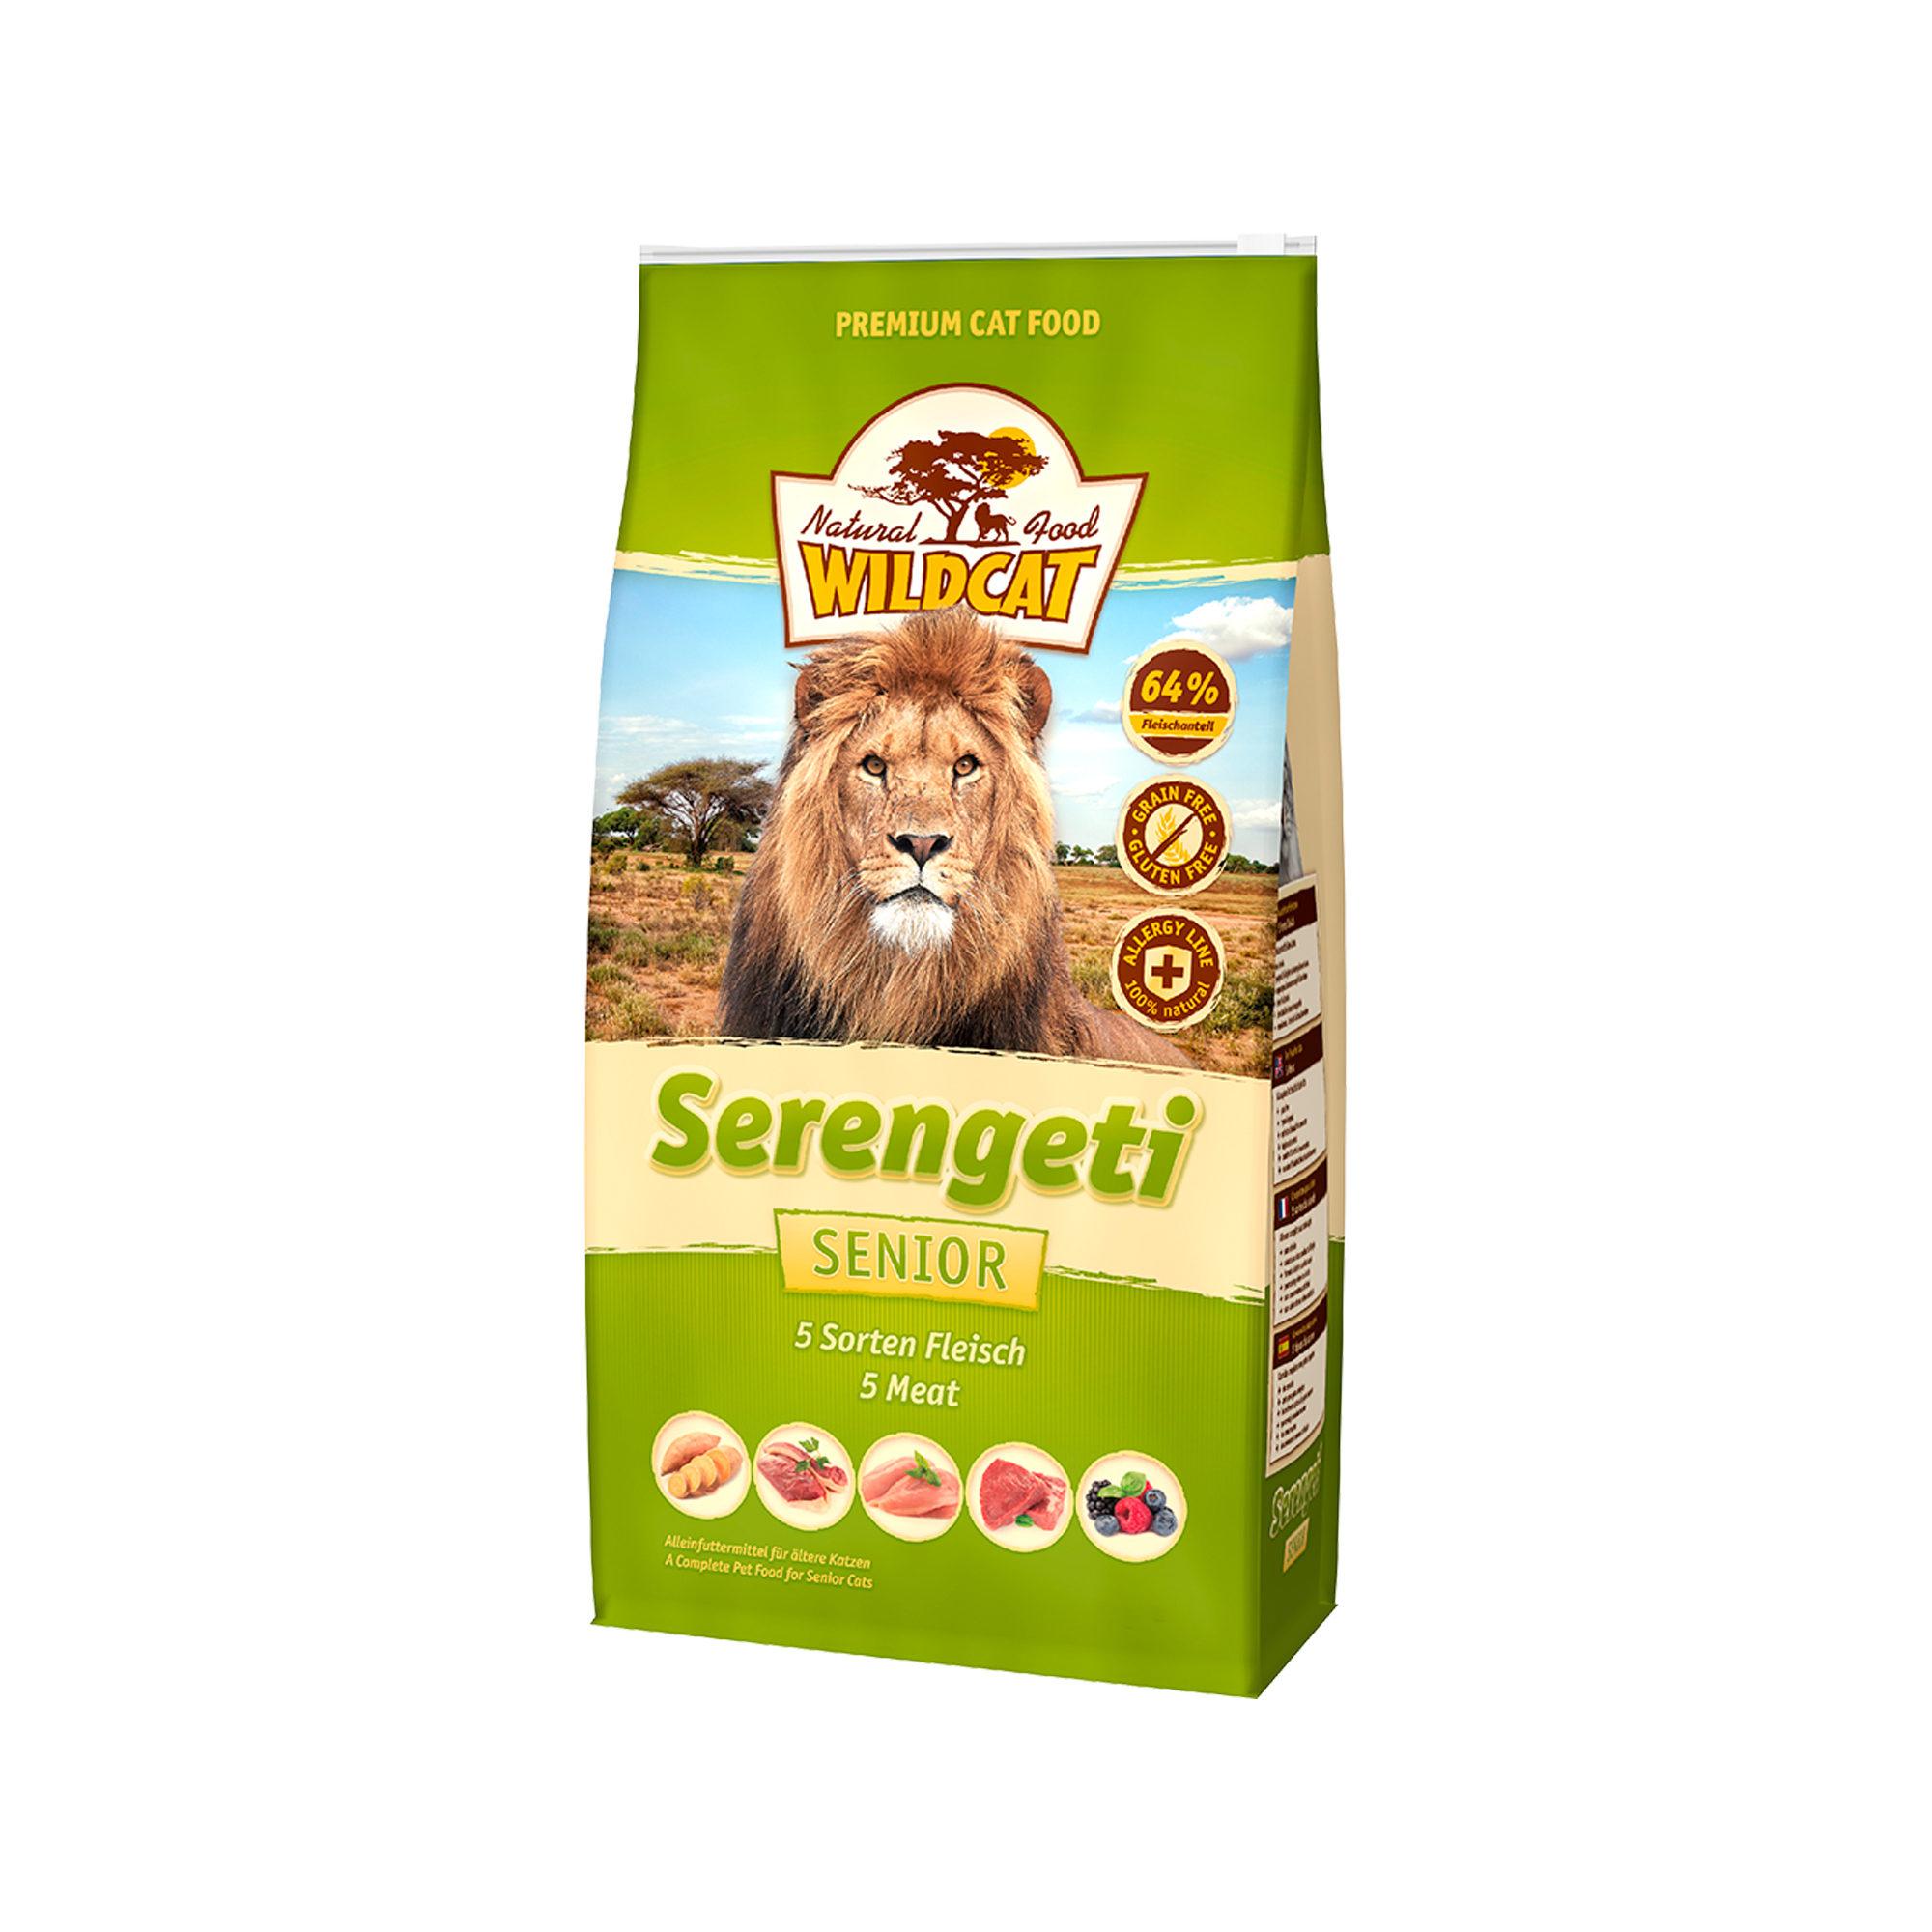 Wildcat Serengeti Senior Katzenfutter